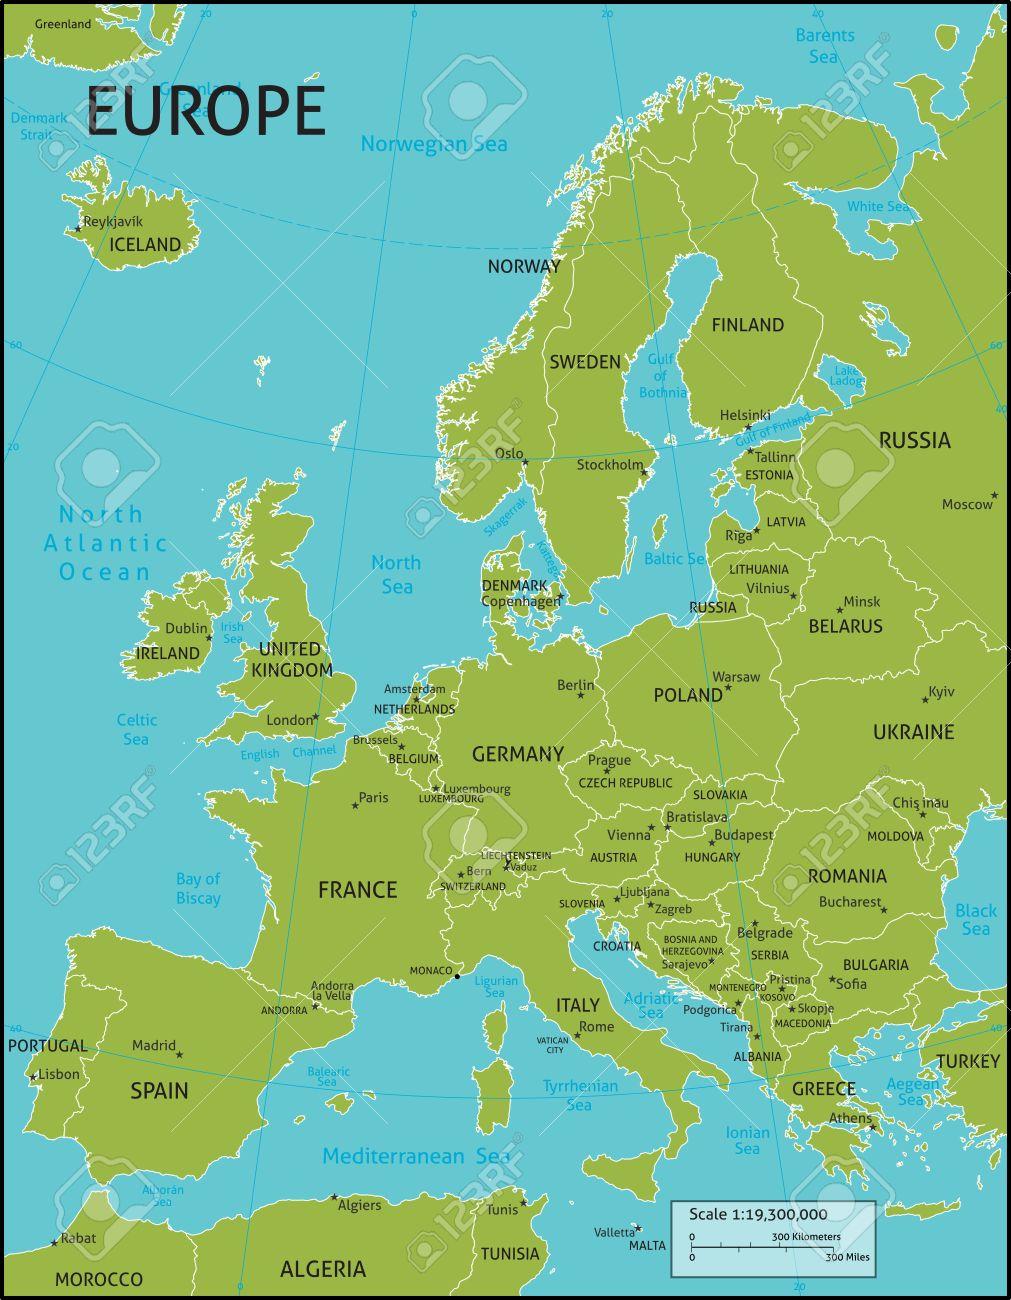 Une Carte De L'europe Avec Tous Les Noms De Pays, Et Les Capitales De Pays.  Organisé Dans La Version De Vecteur Dans Facile D'utiliser Des Couches. intérieur Carte D Europe Avec Pays Et Capitales